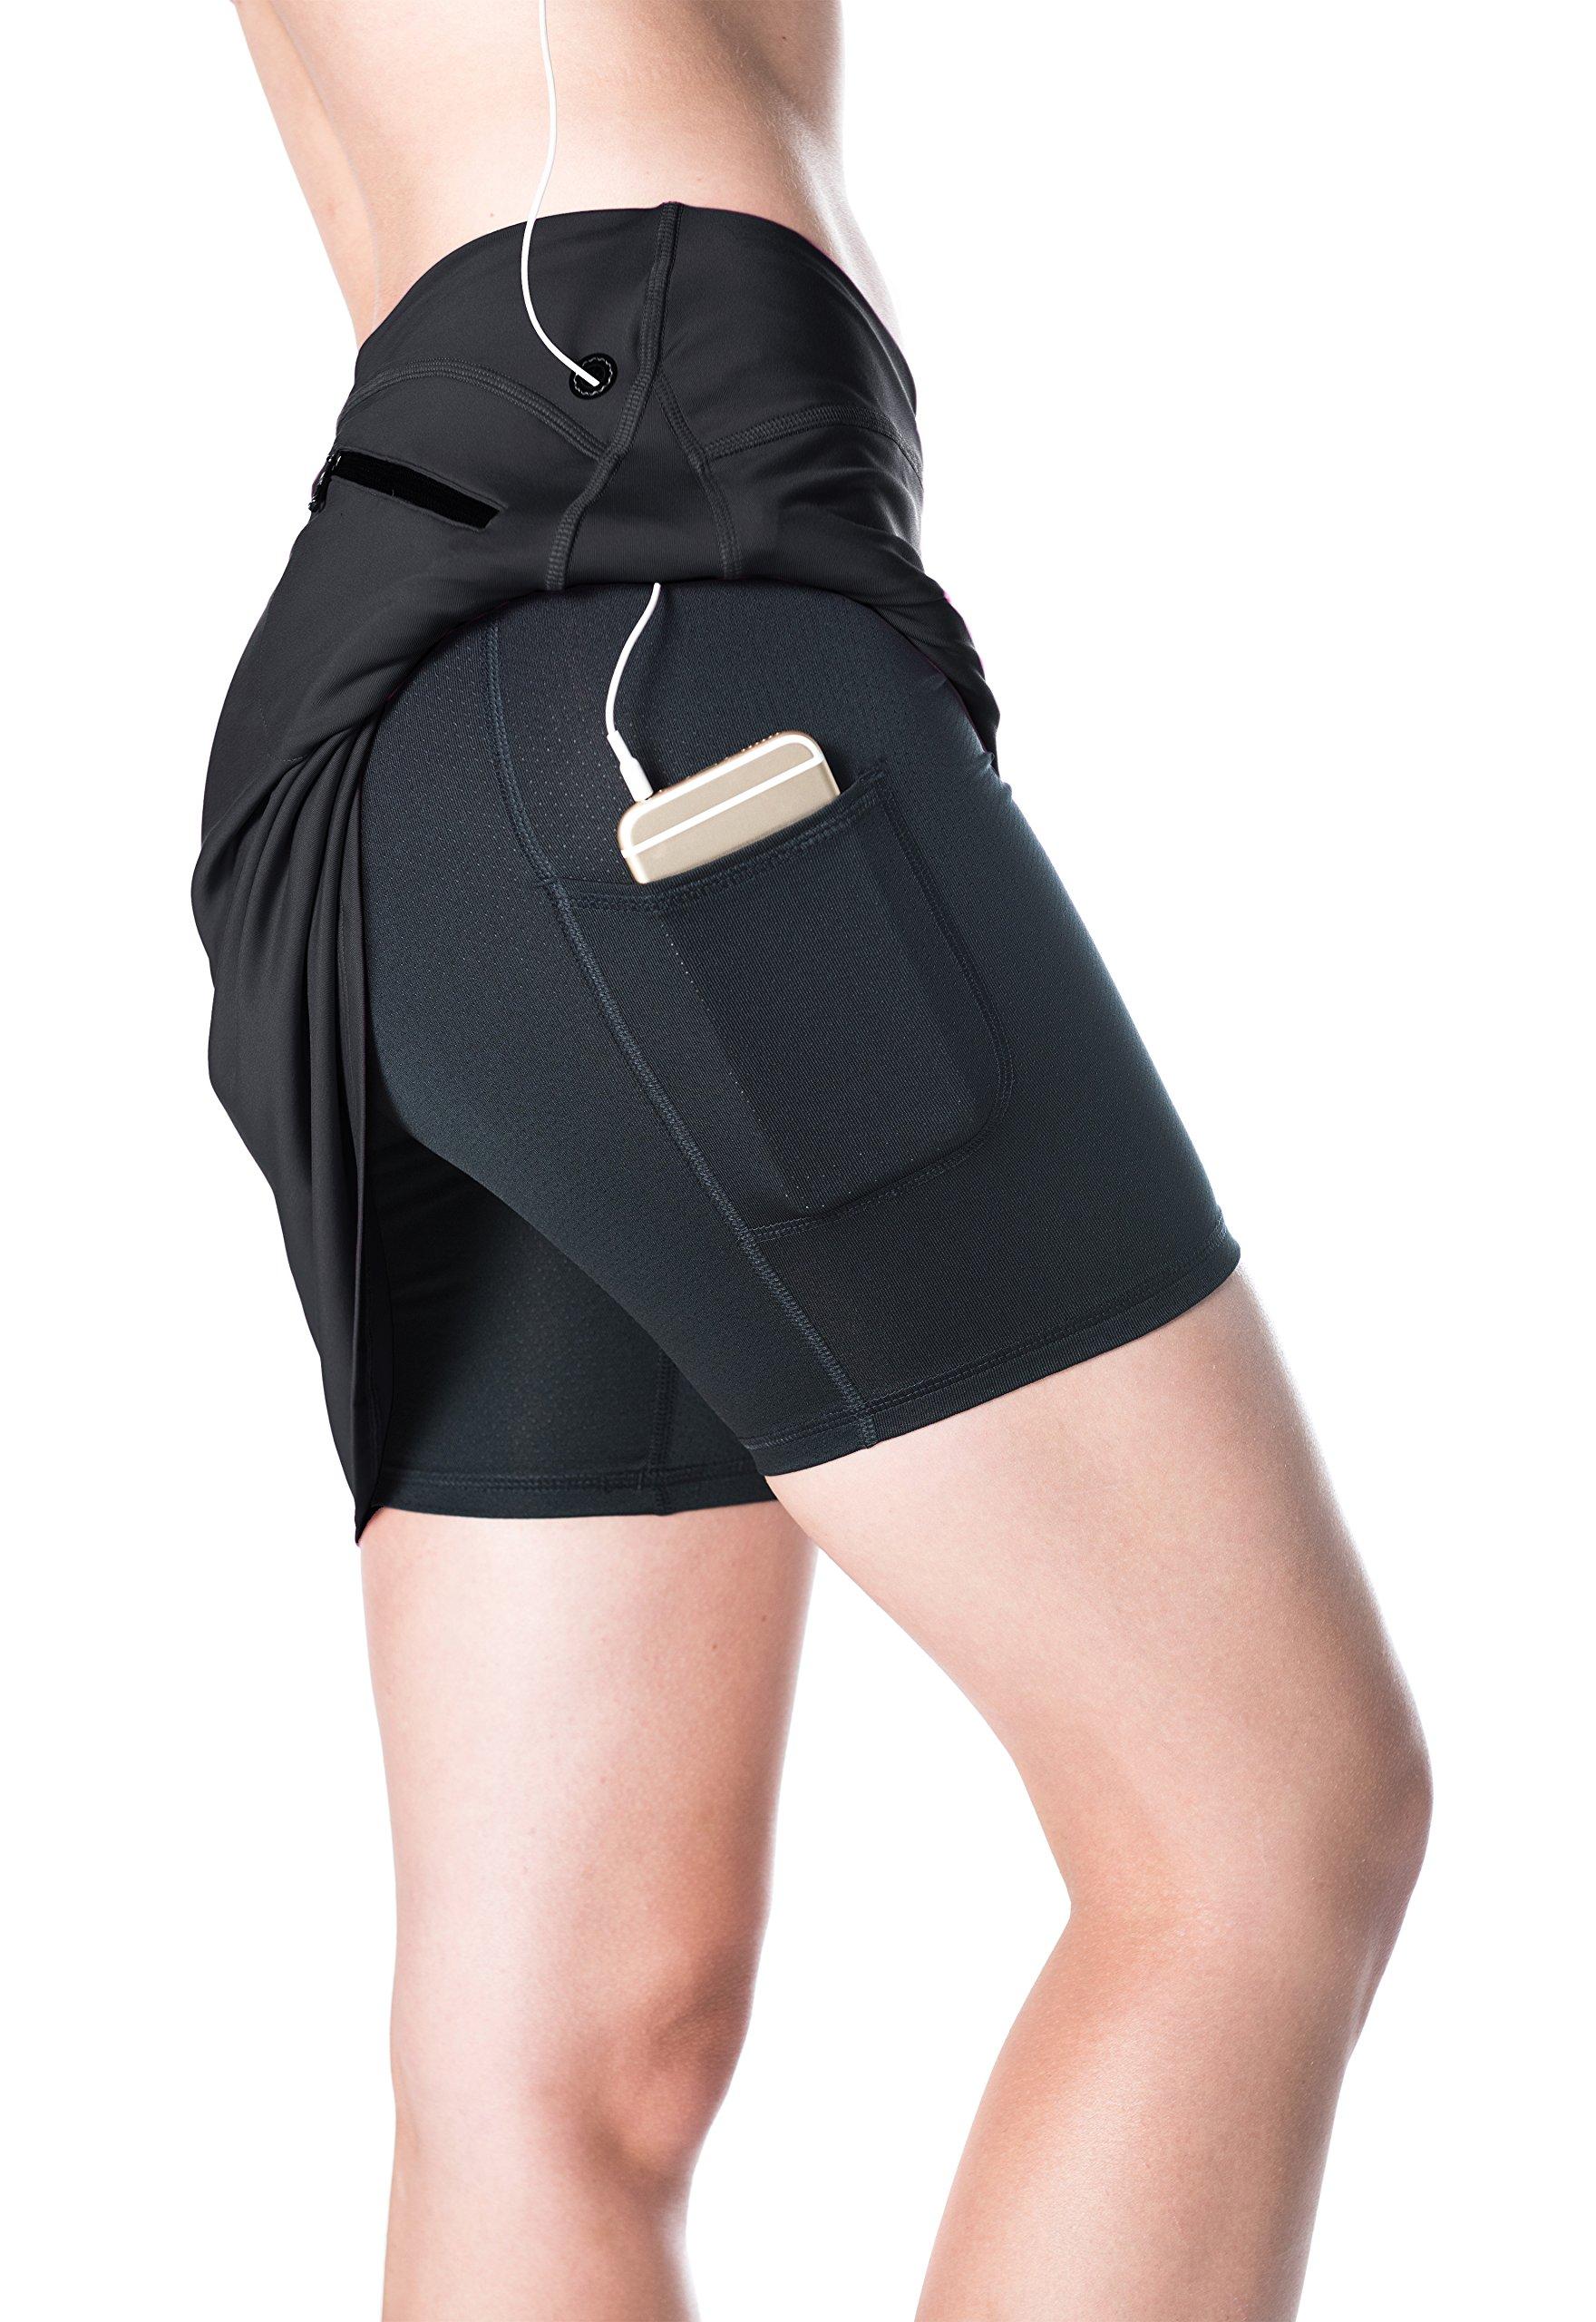 Skirt Sports Women's Happy Girl Skirt by Skirt Sports (Image #3)